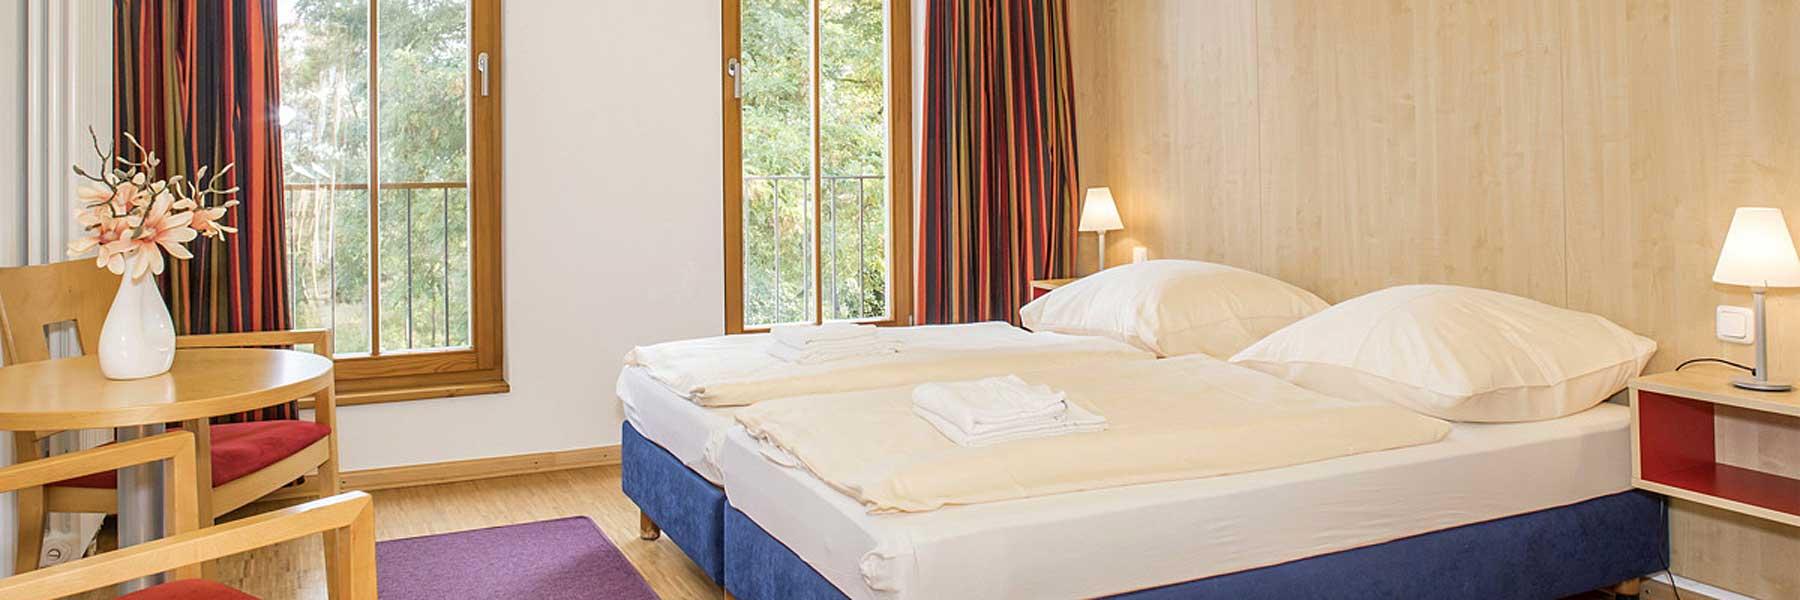 Apartment Schlafzimmer - Ferienapartments und Seminarhaus Heringsdorf